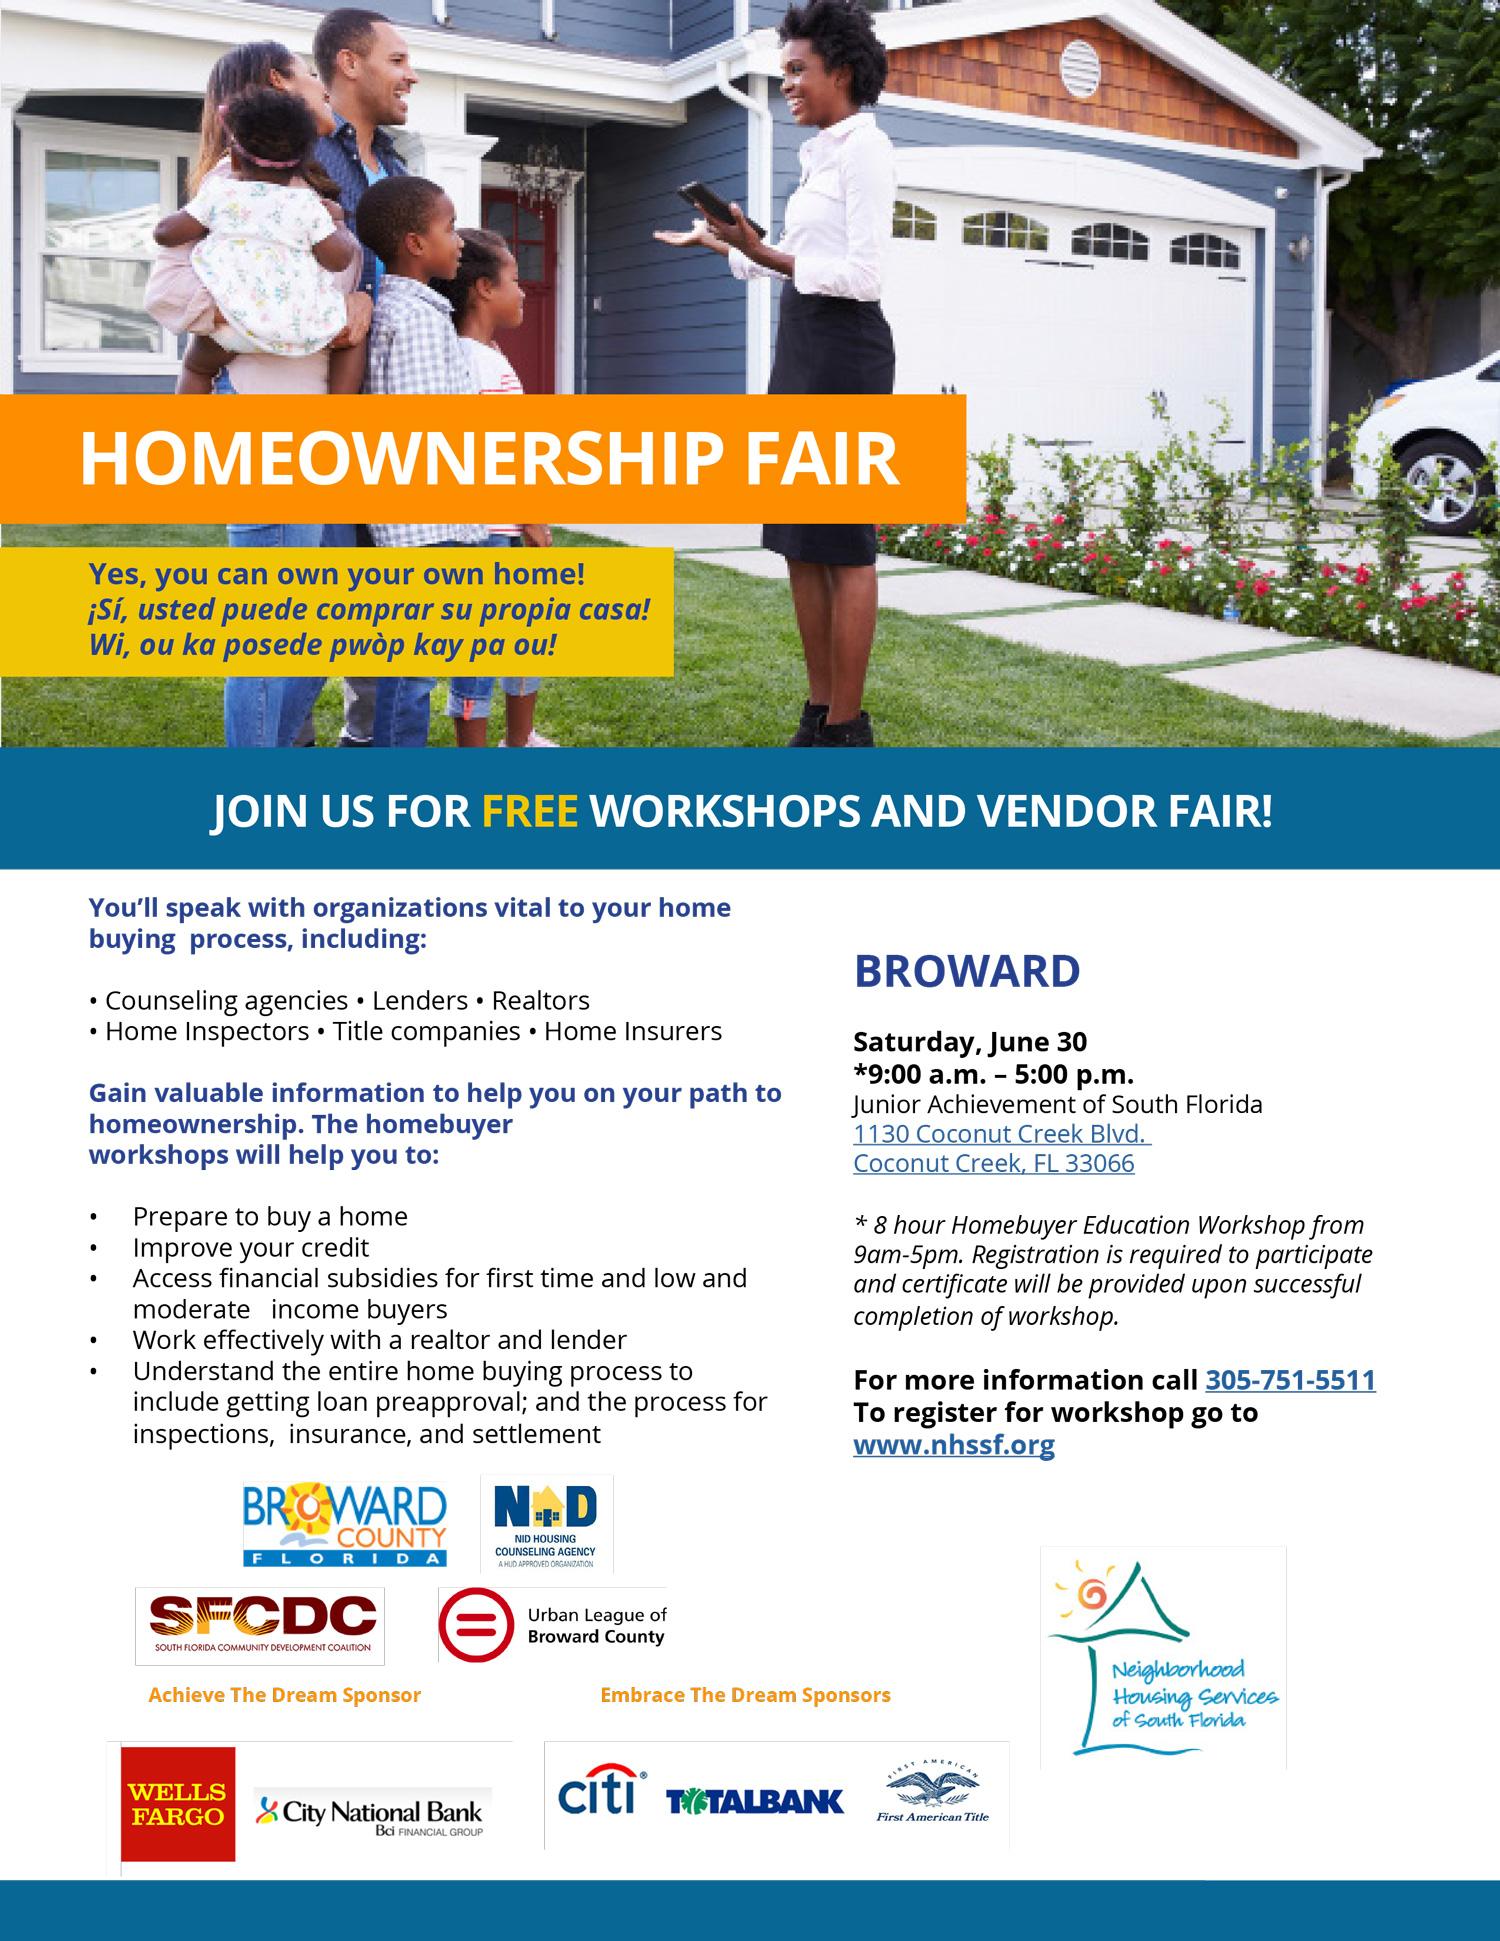 Homeownership Fair Broward 6-30-18